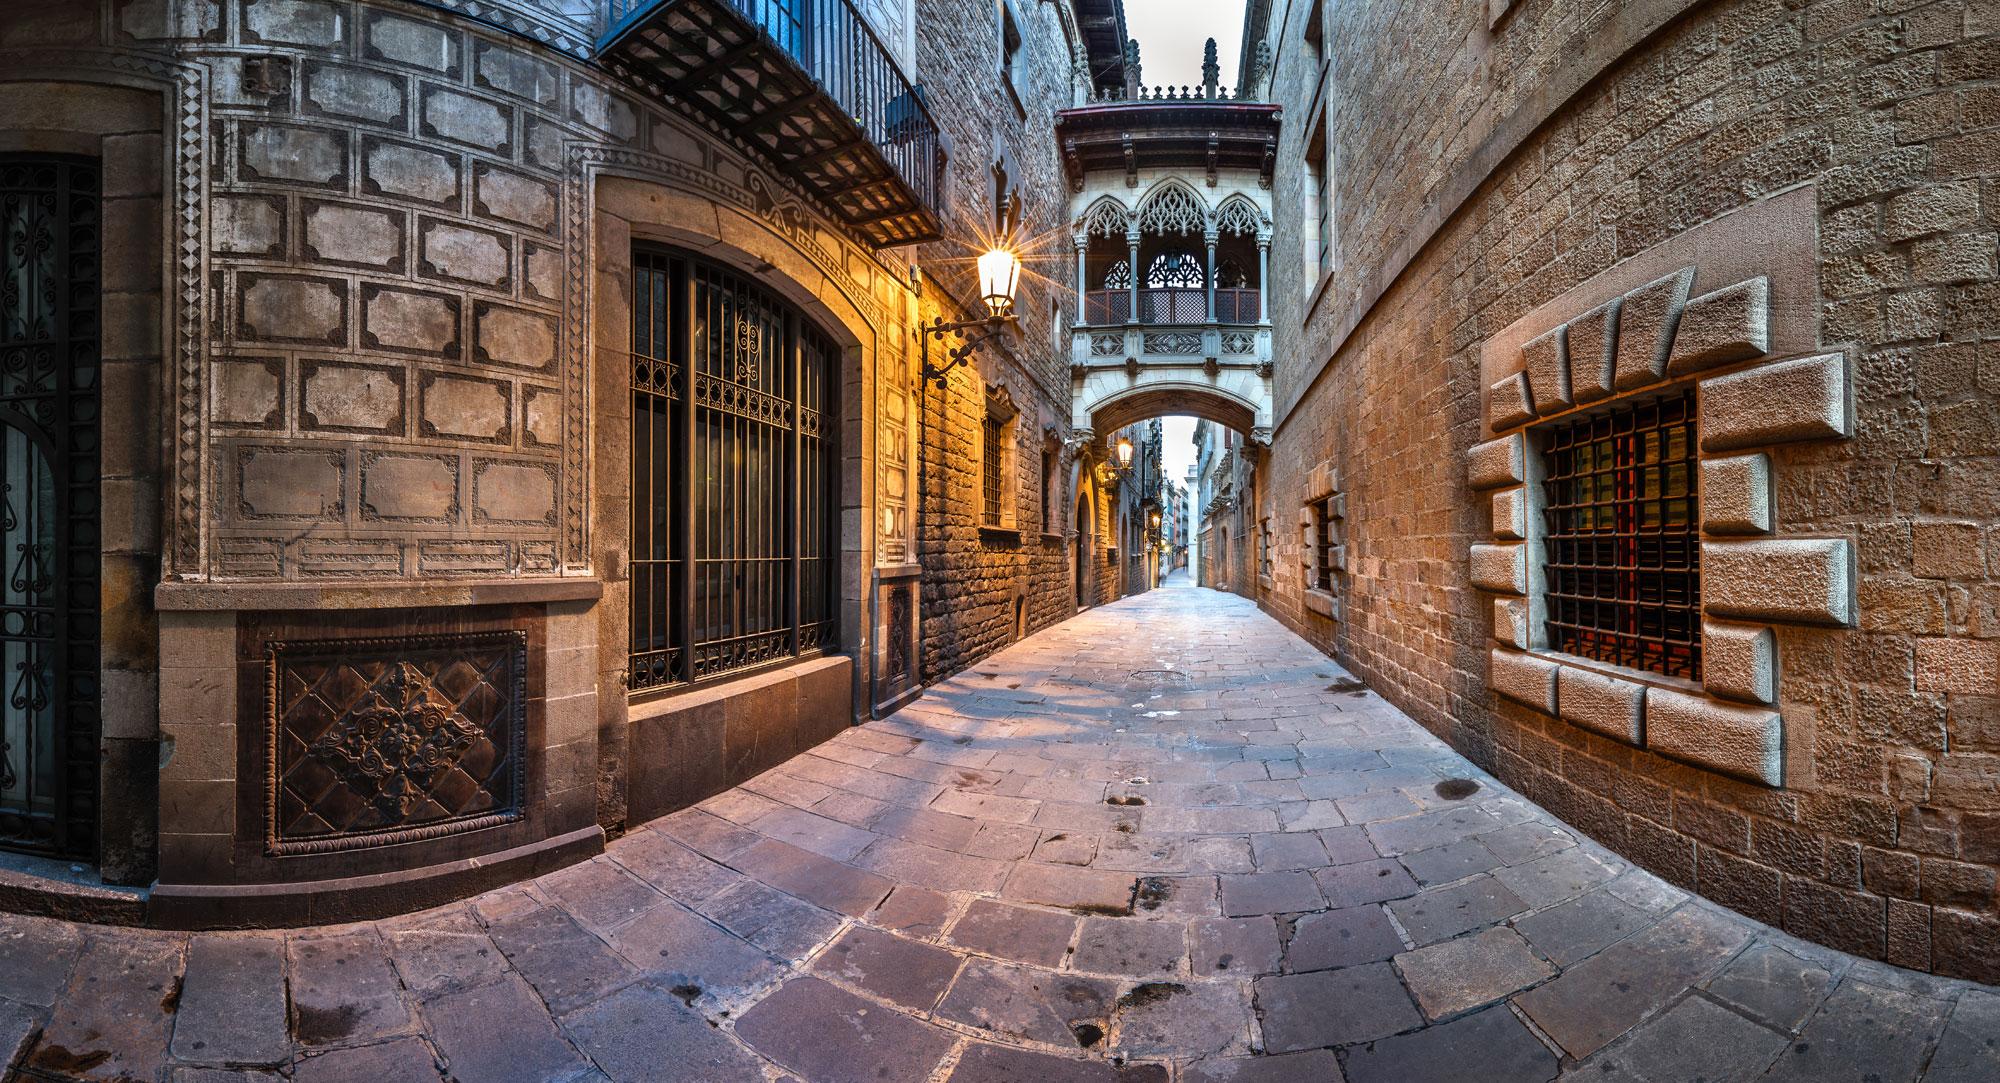 Rue avec pavés au sols et bâtiments en vieilles pierres caractéristique de Barcelone.